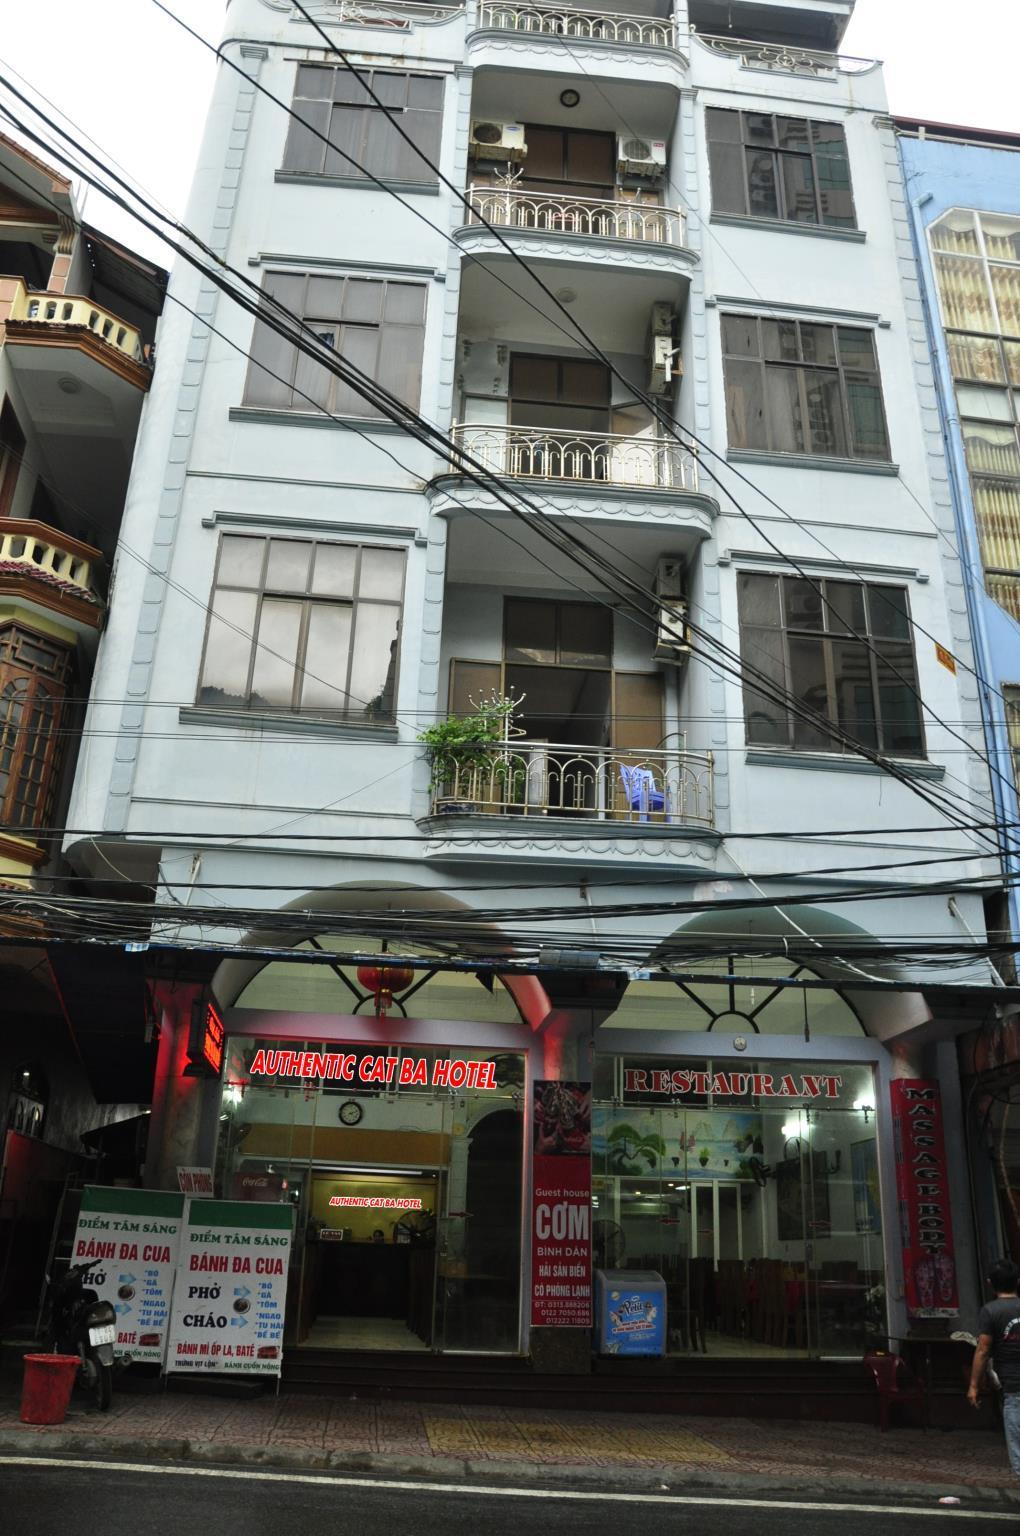 Authentic Cat Ba Hotel 2